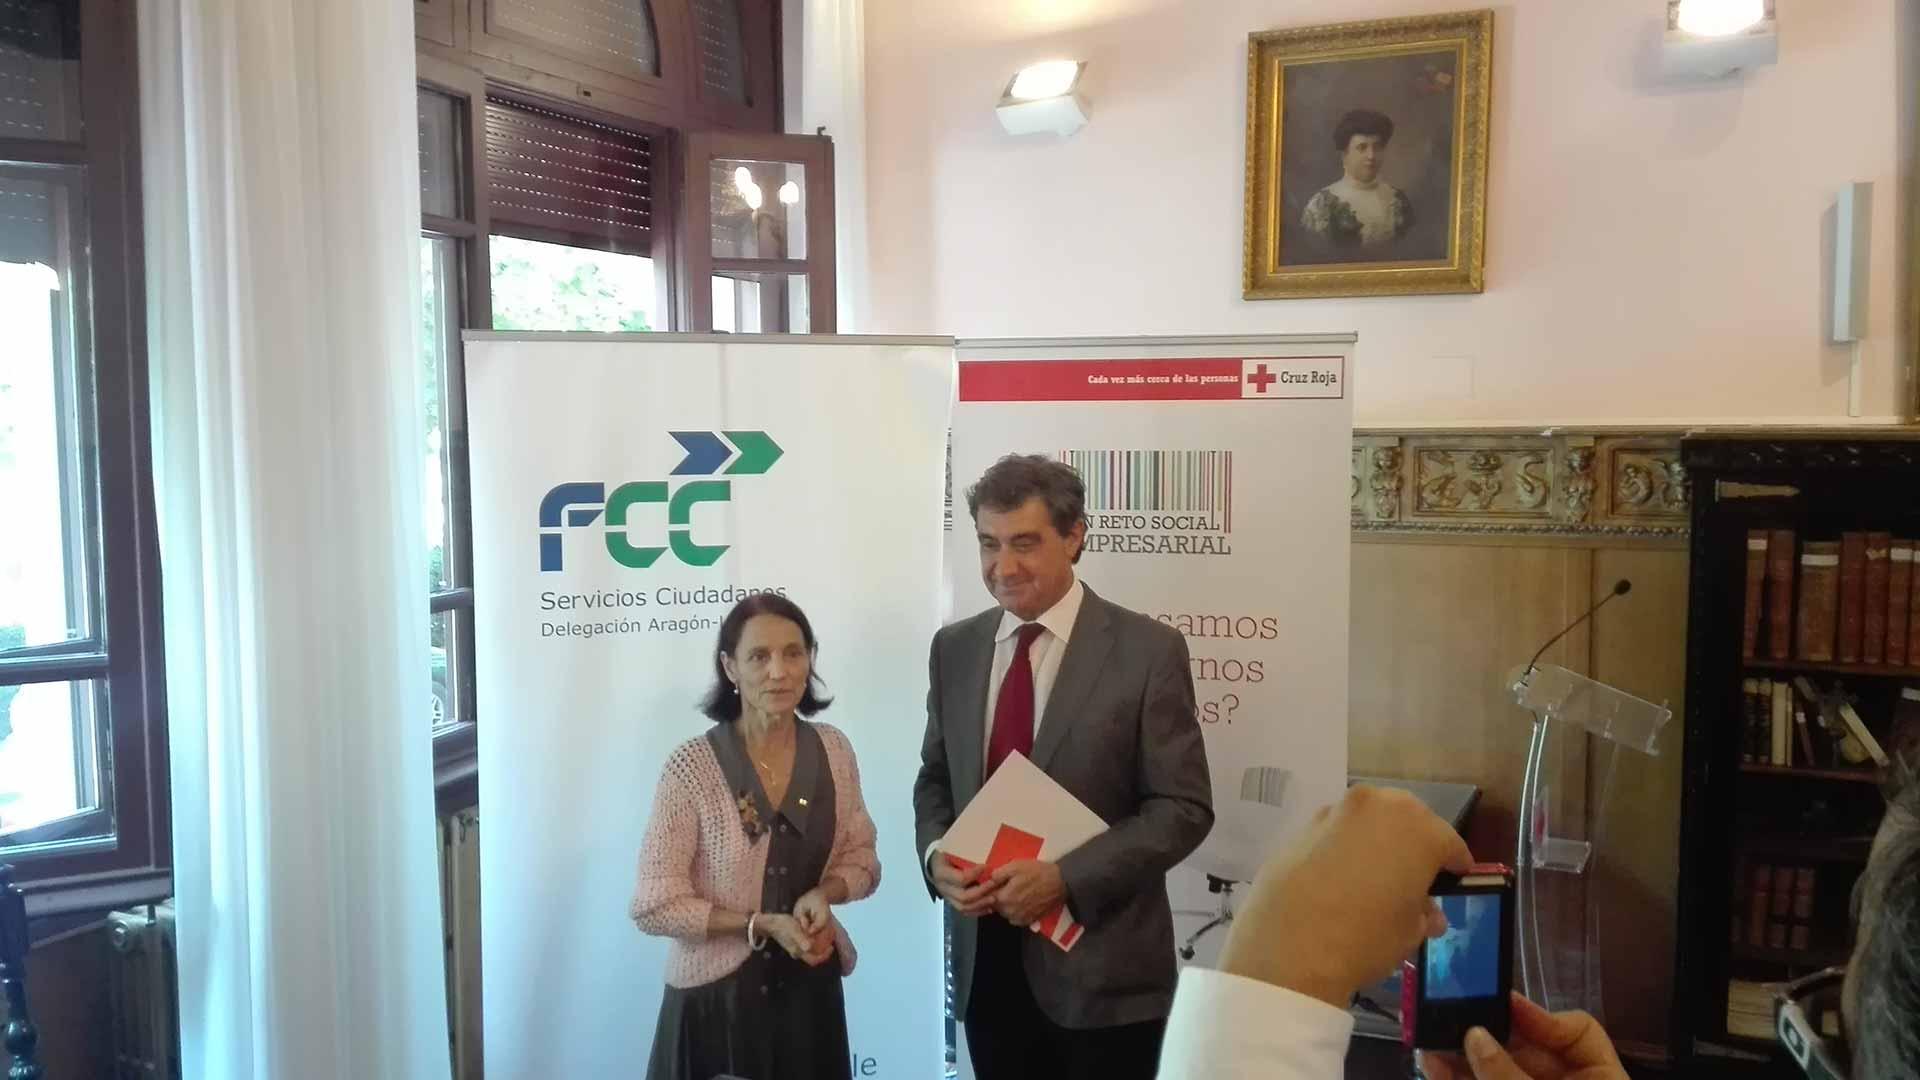 FCC y Cruz Roja Zaragoza suman esfuerzos en la inserción laboral y de personas en riesgo de exclusión social